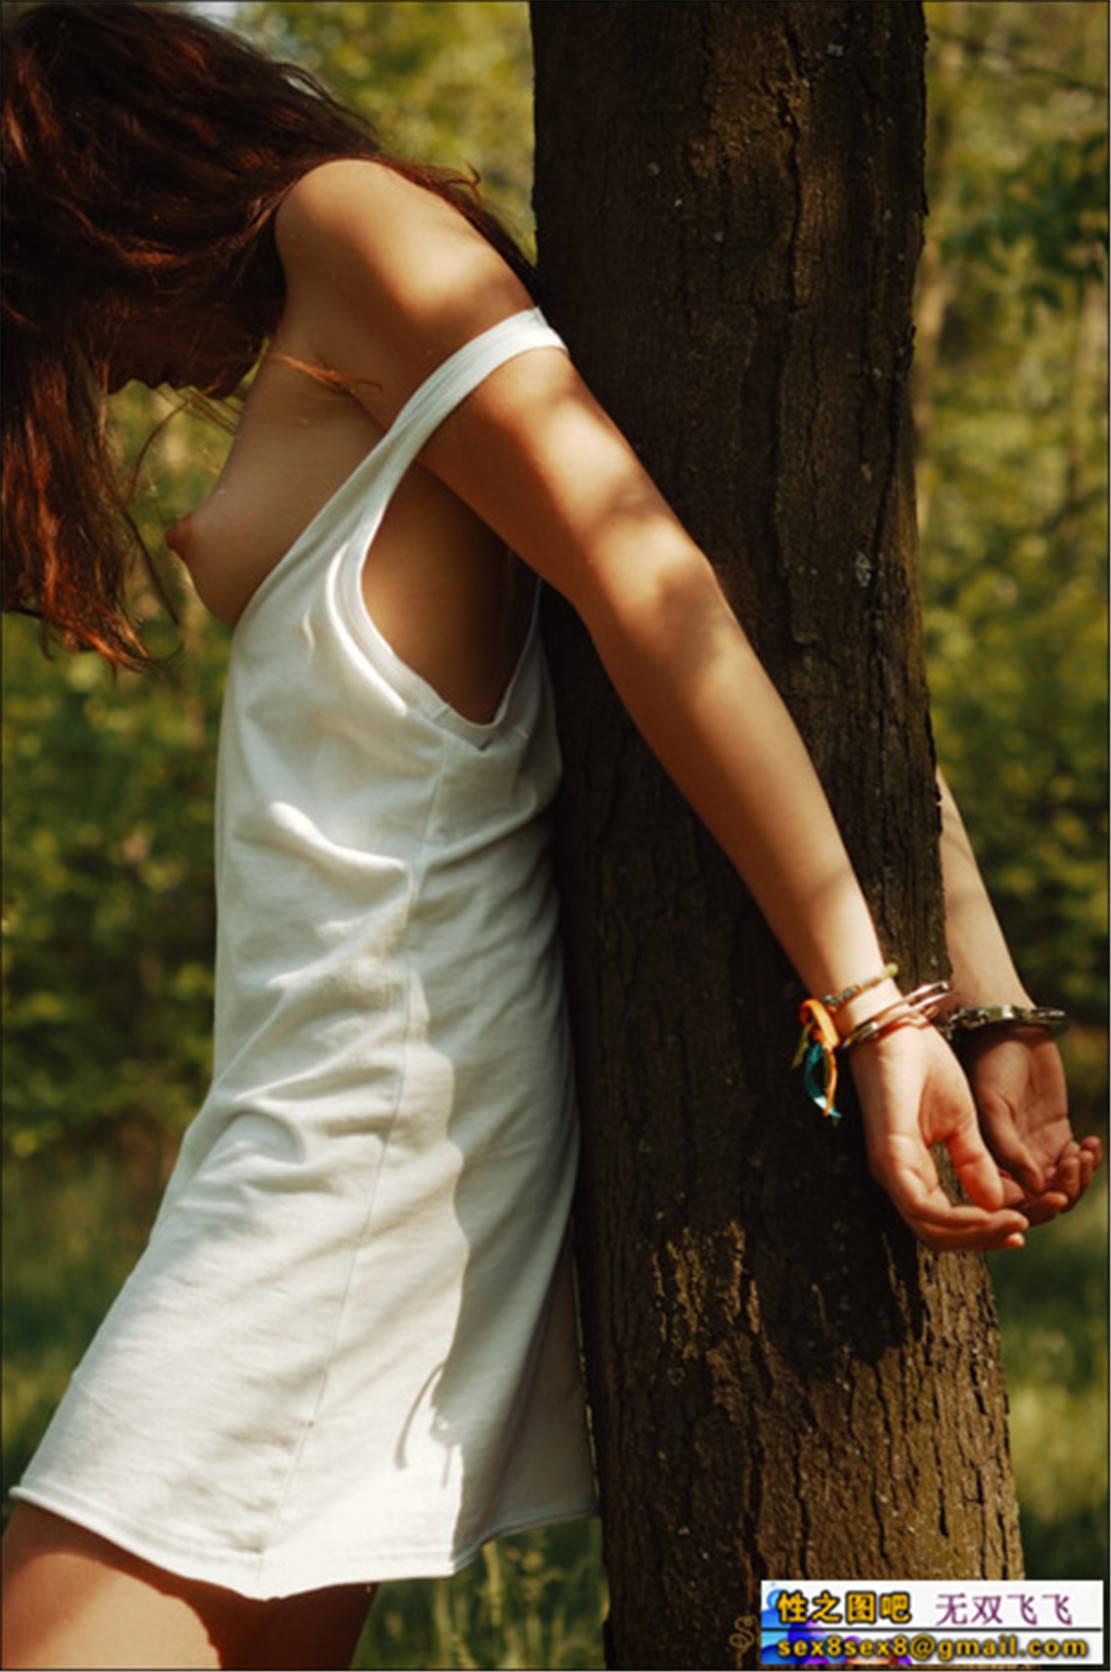 Связал девушку в лесу 3 фотография